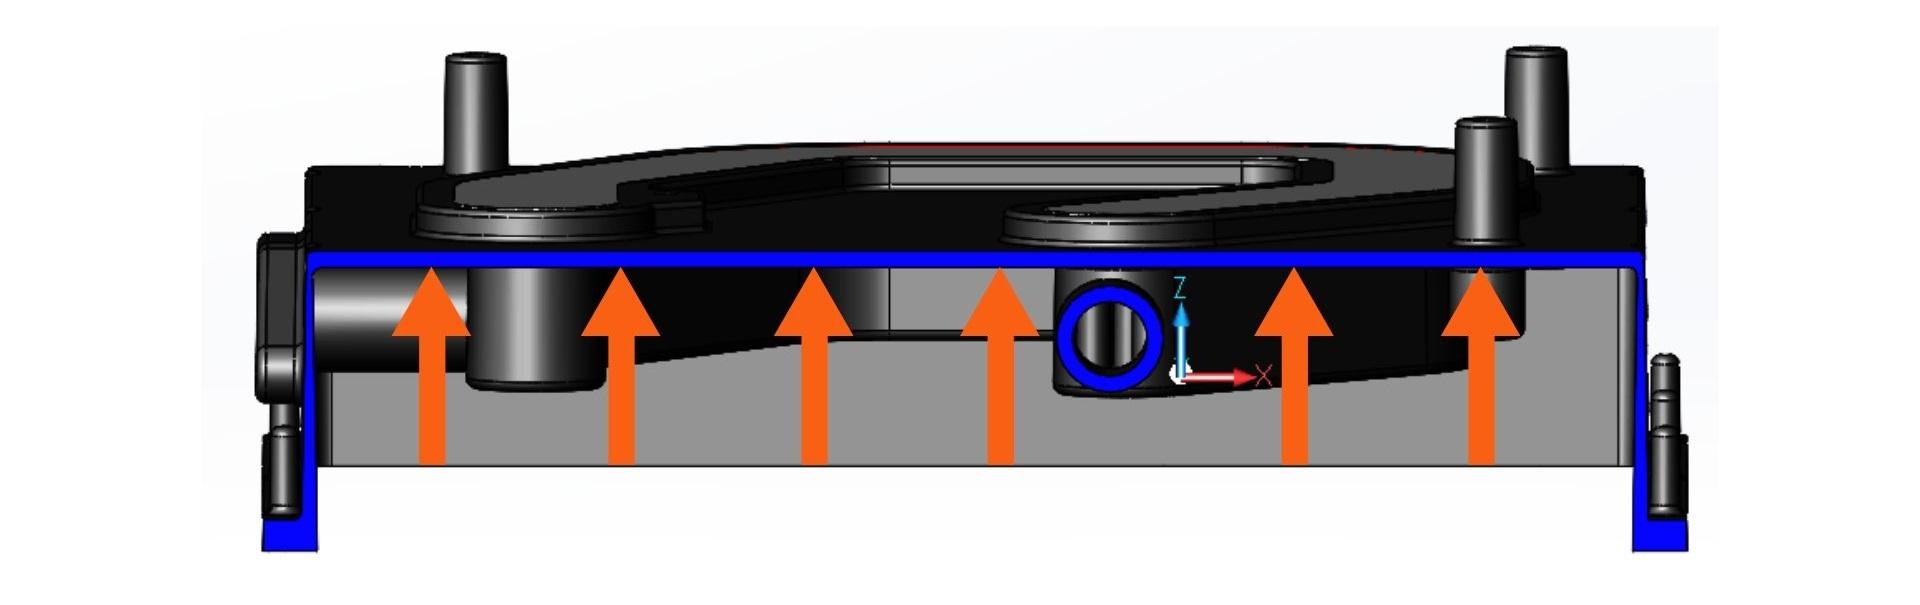 Soudage par friction-malaxage d'une plaque froide moulée sous pression pour l'industrie automobile